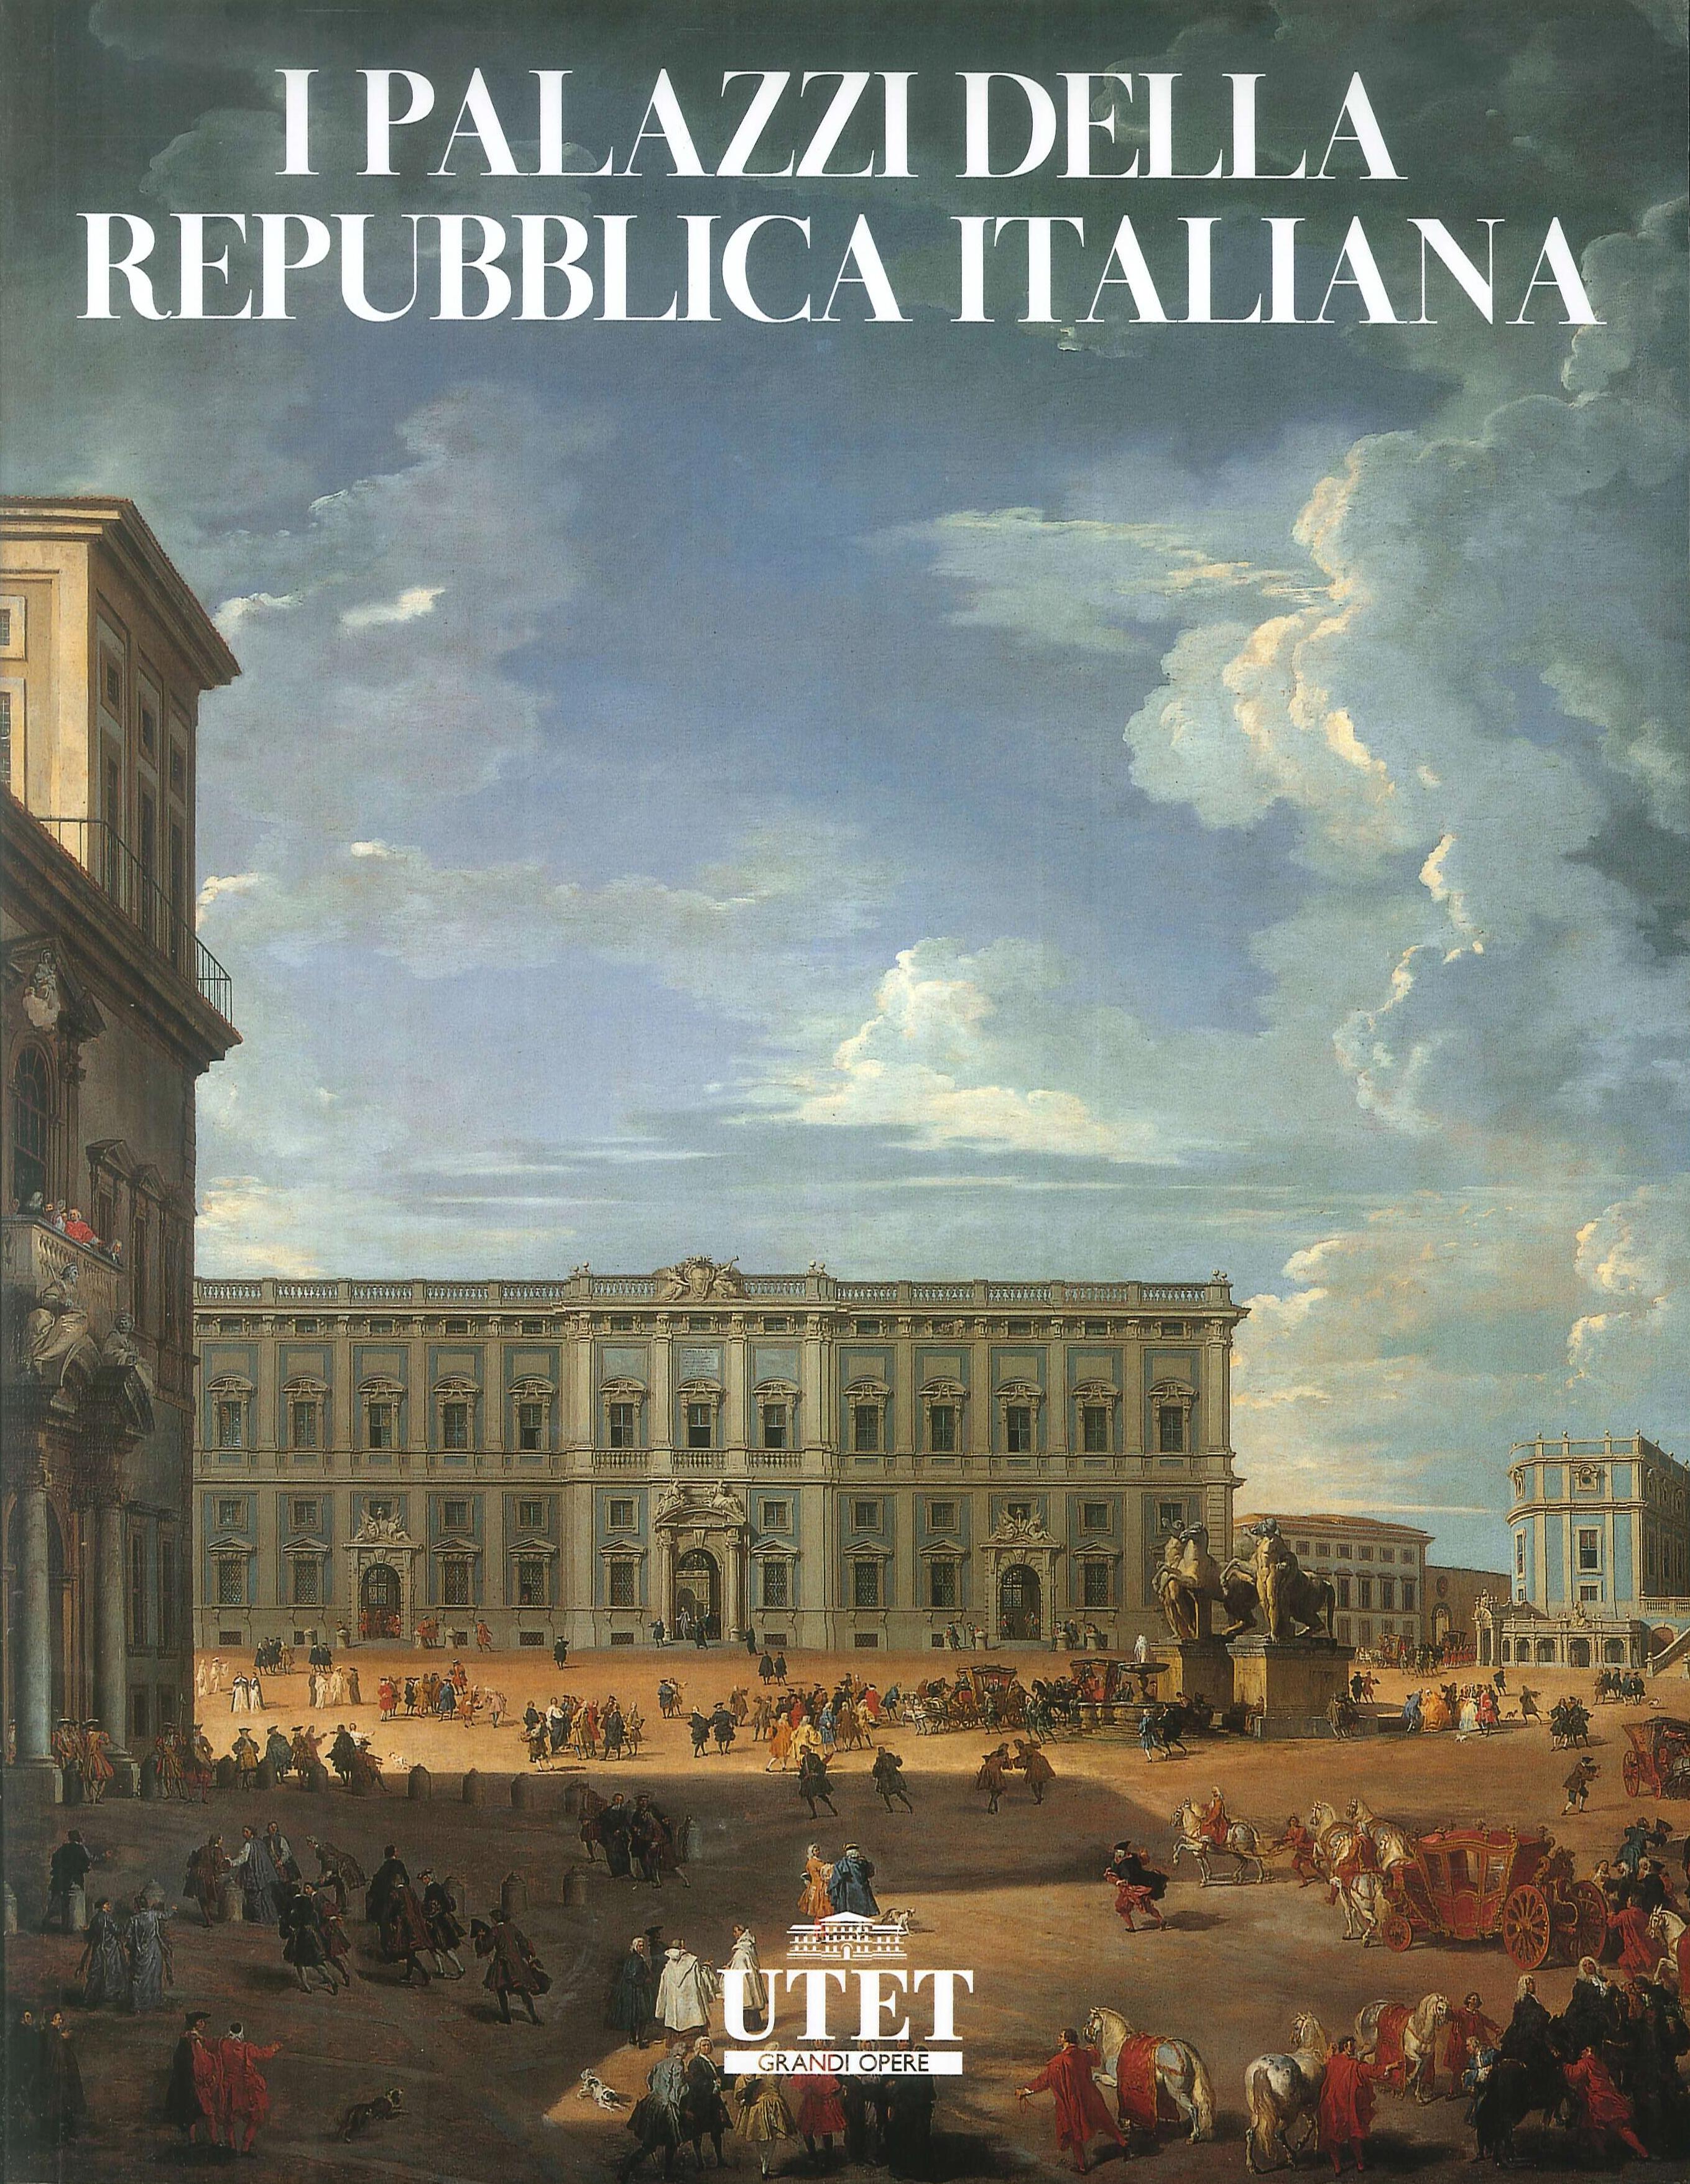 I Palazzi della Repubblica Italiana